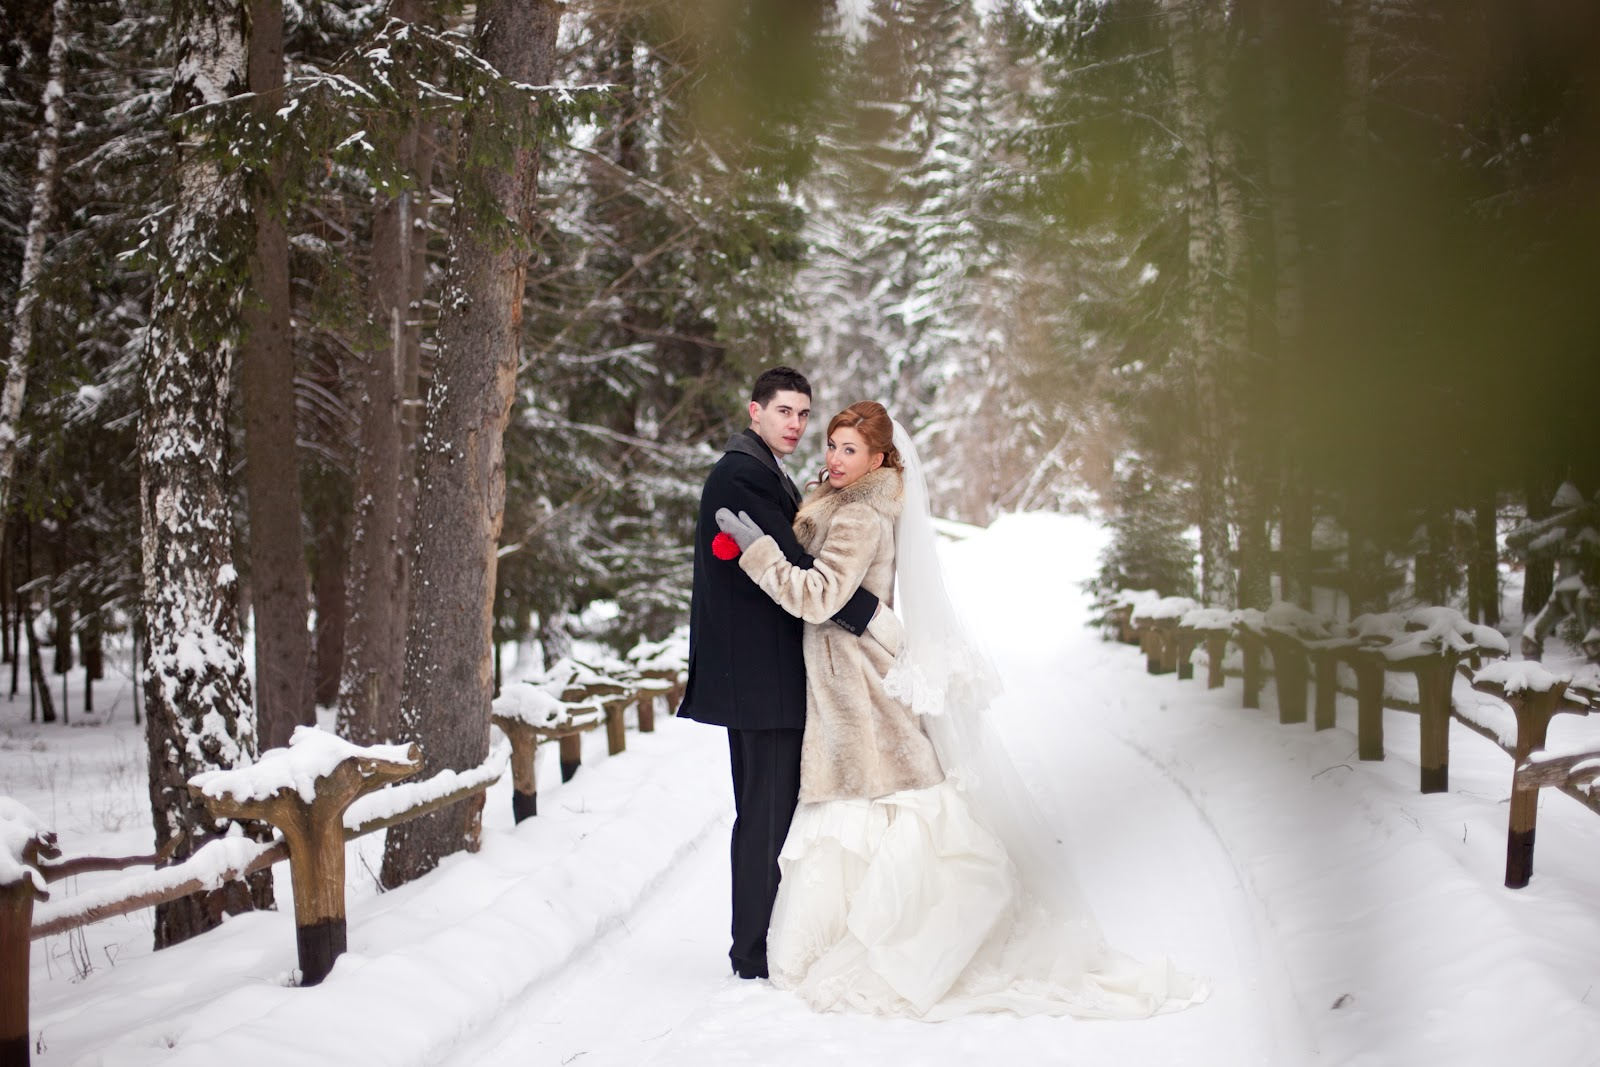 photo533 Свадьба зимой: плюсы и минусы